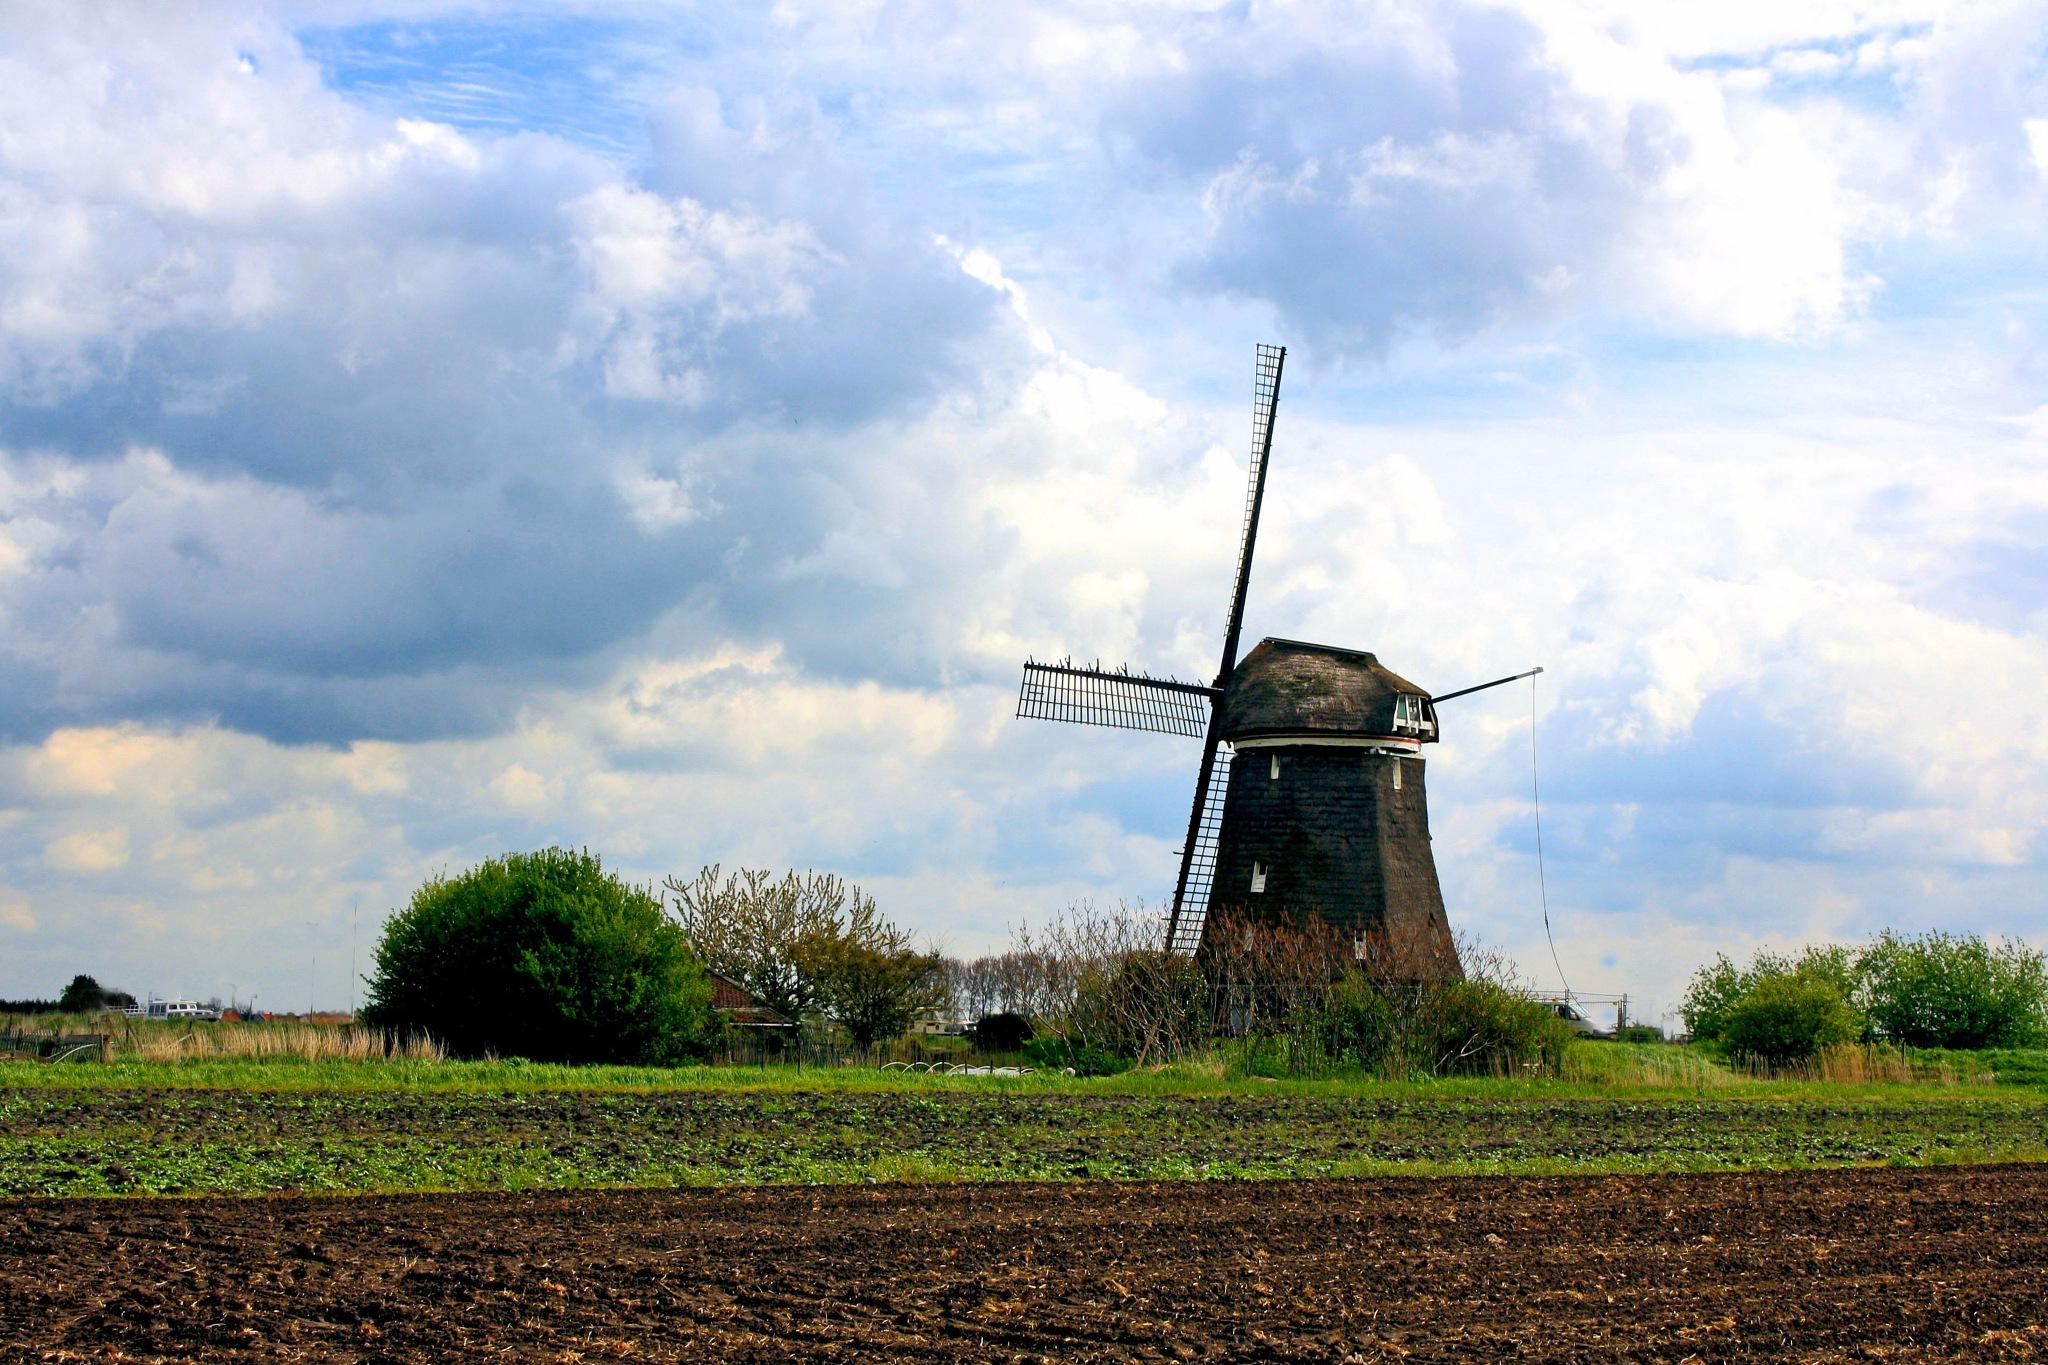 Super Dutch by Bob66